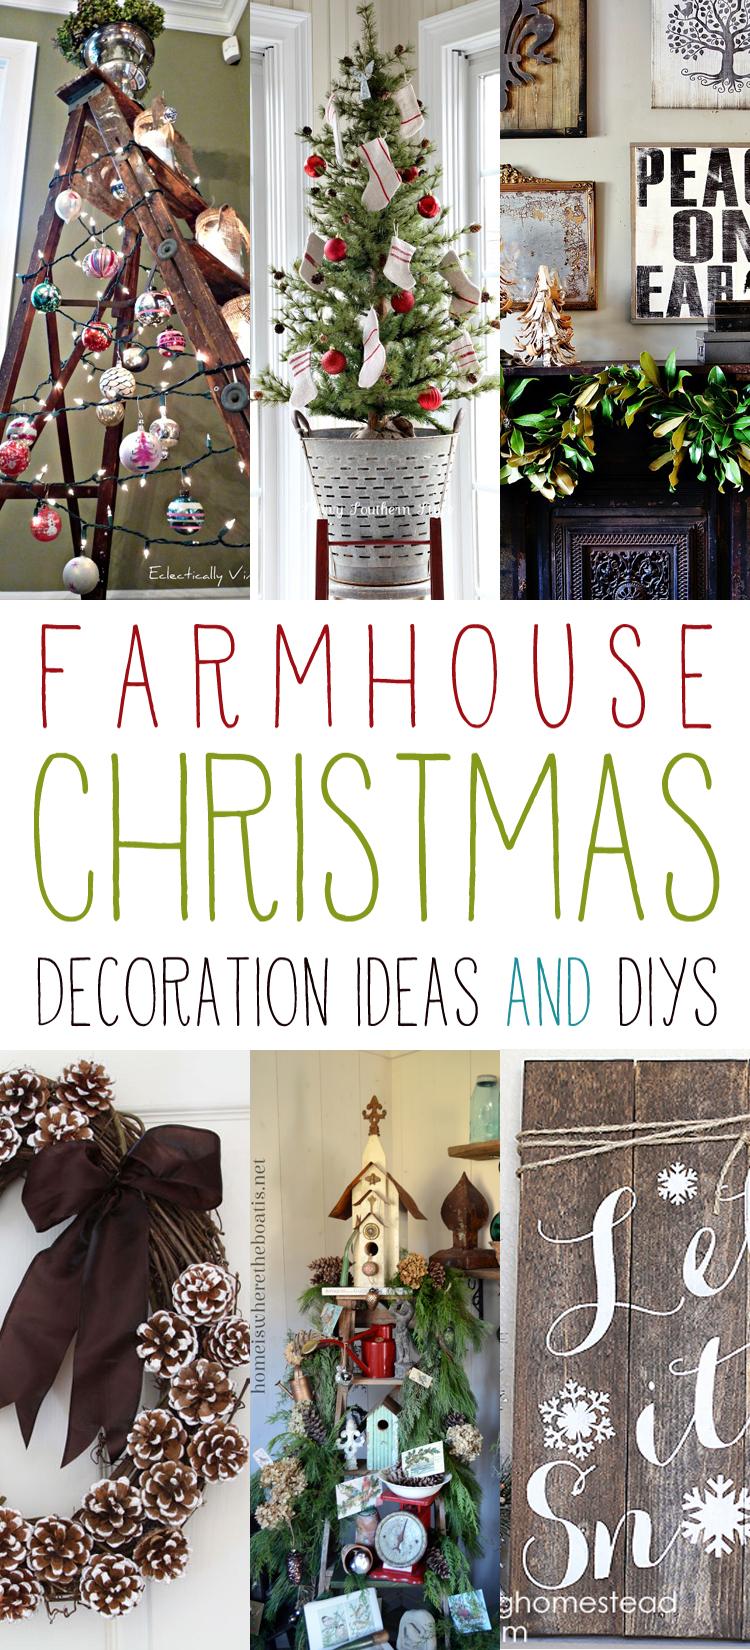 ChristmasFarmhouse-tower-001